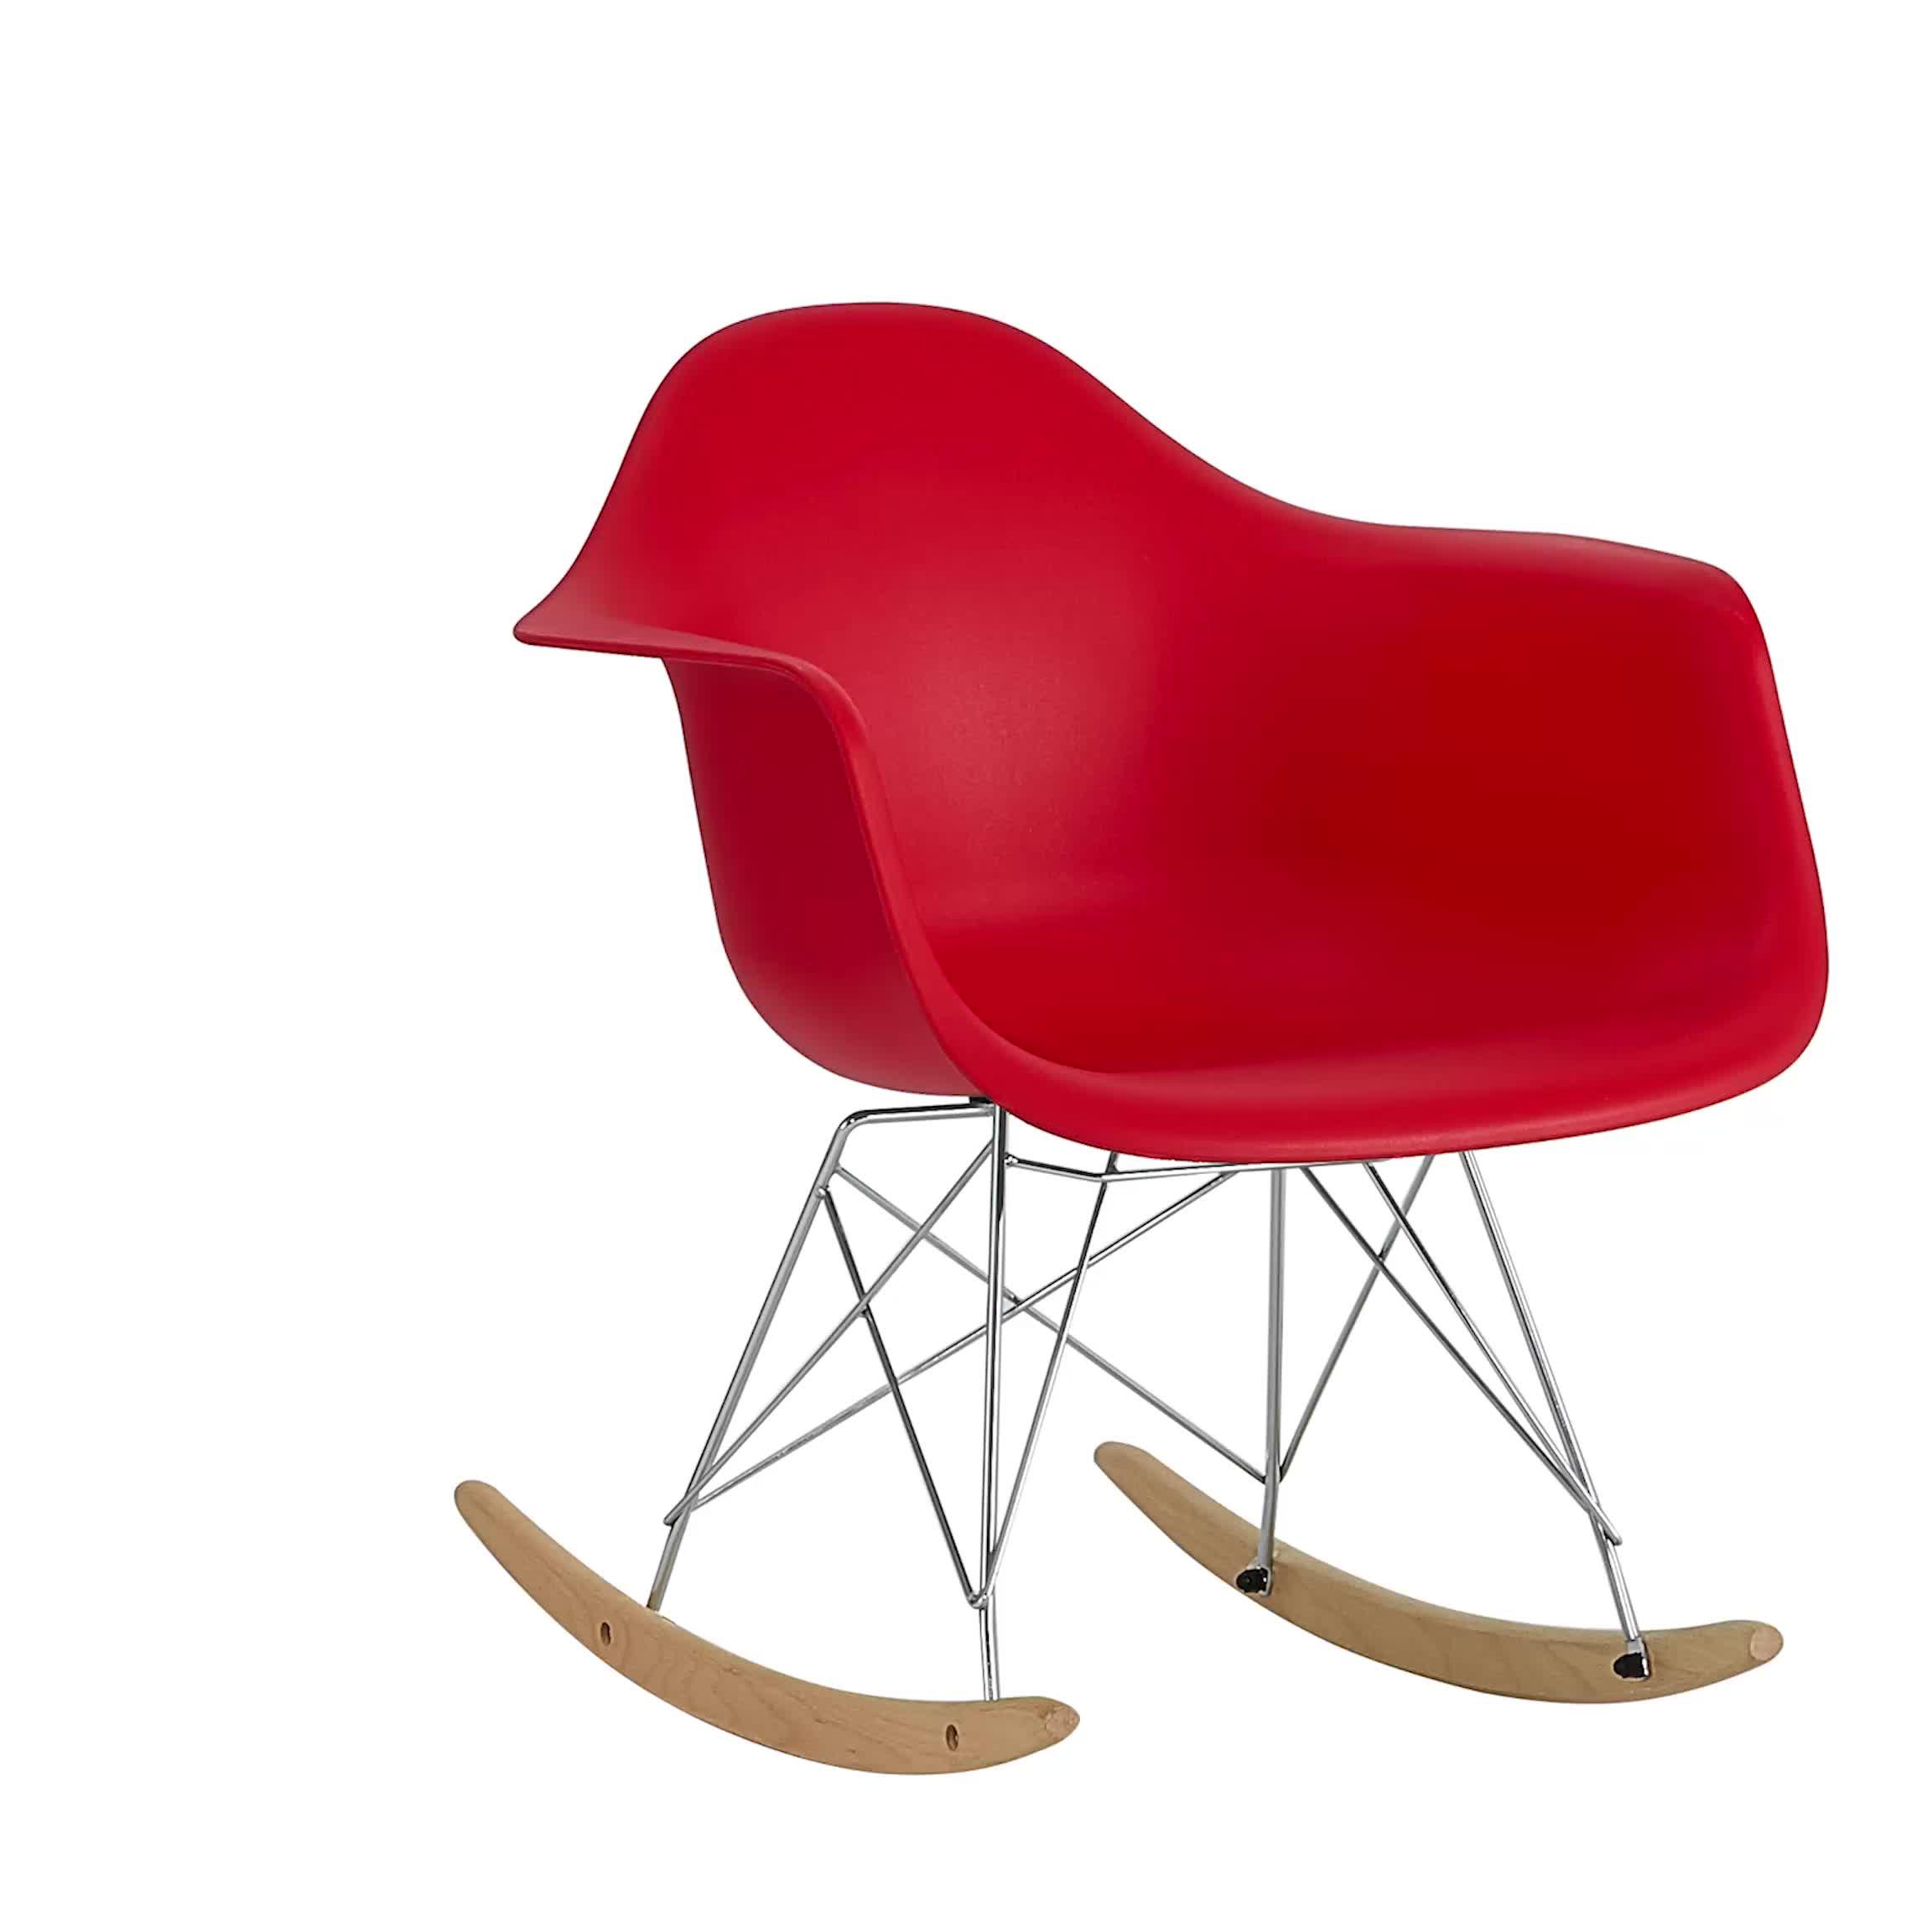 High Quality Inflatable Goyang Rekreasi Sofa Ruang Tamu Akrilik Kursi Plastik dengan Harga Murah